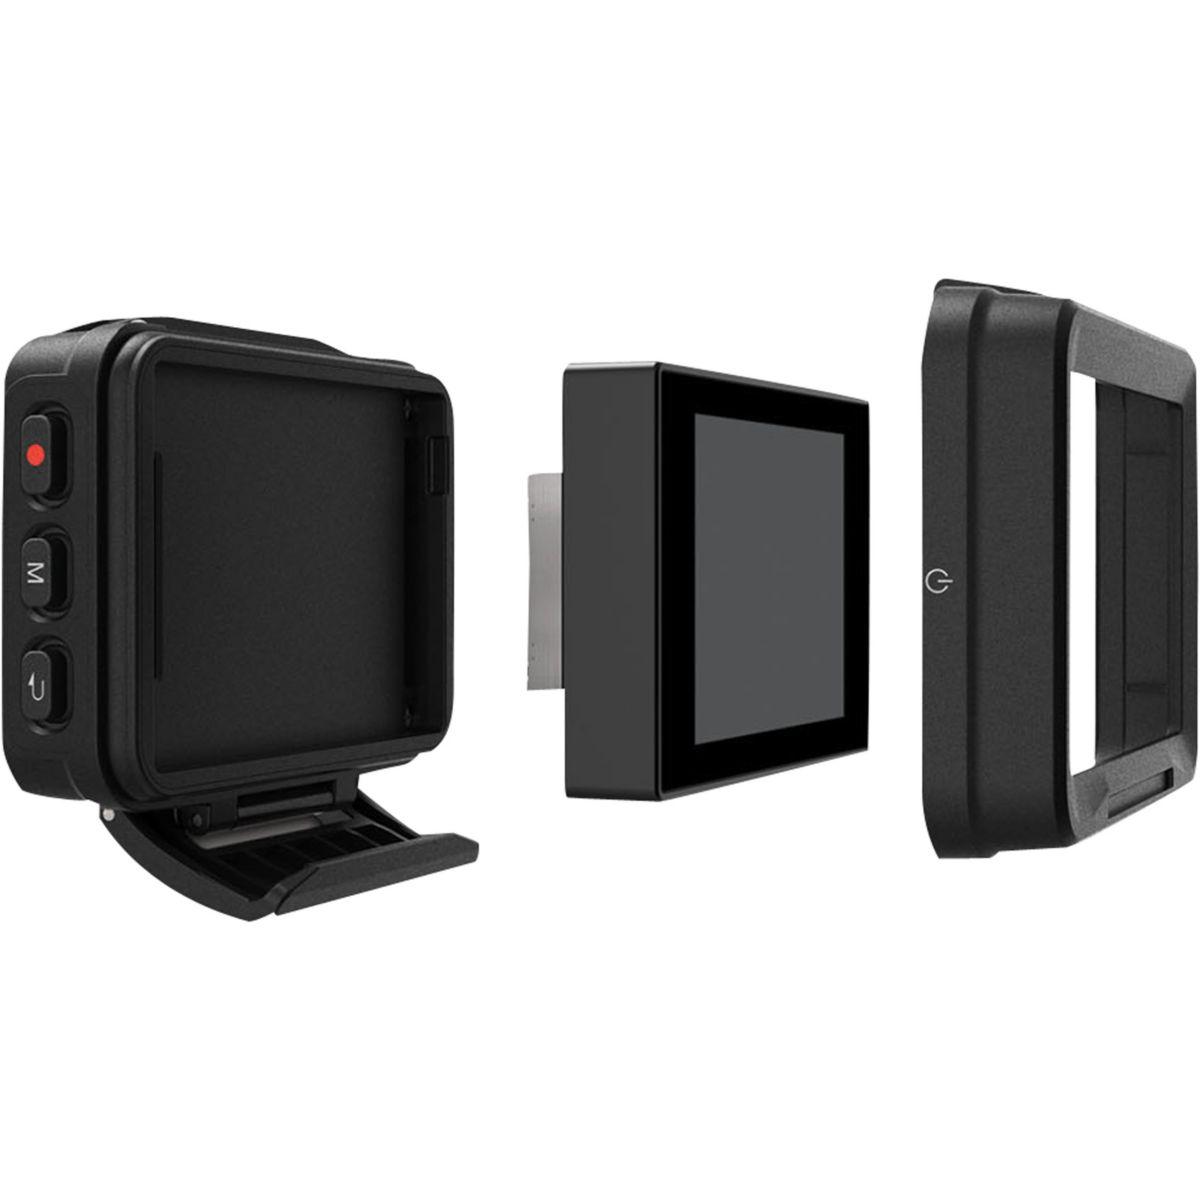 Accessoire sp gadget caisson de position - 20% de remise imm�diate avec le code : paques20 (photo)